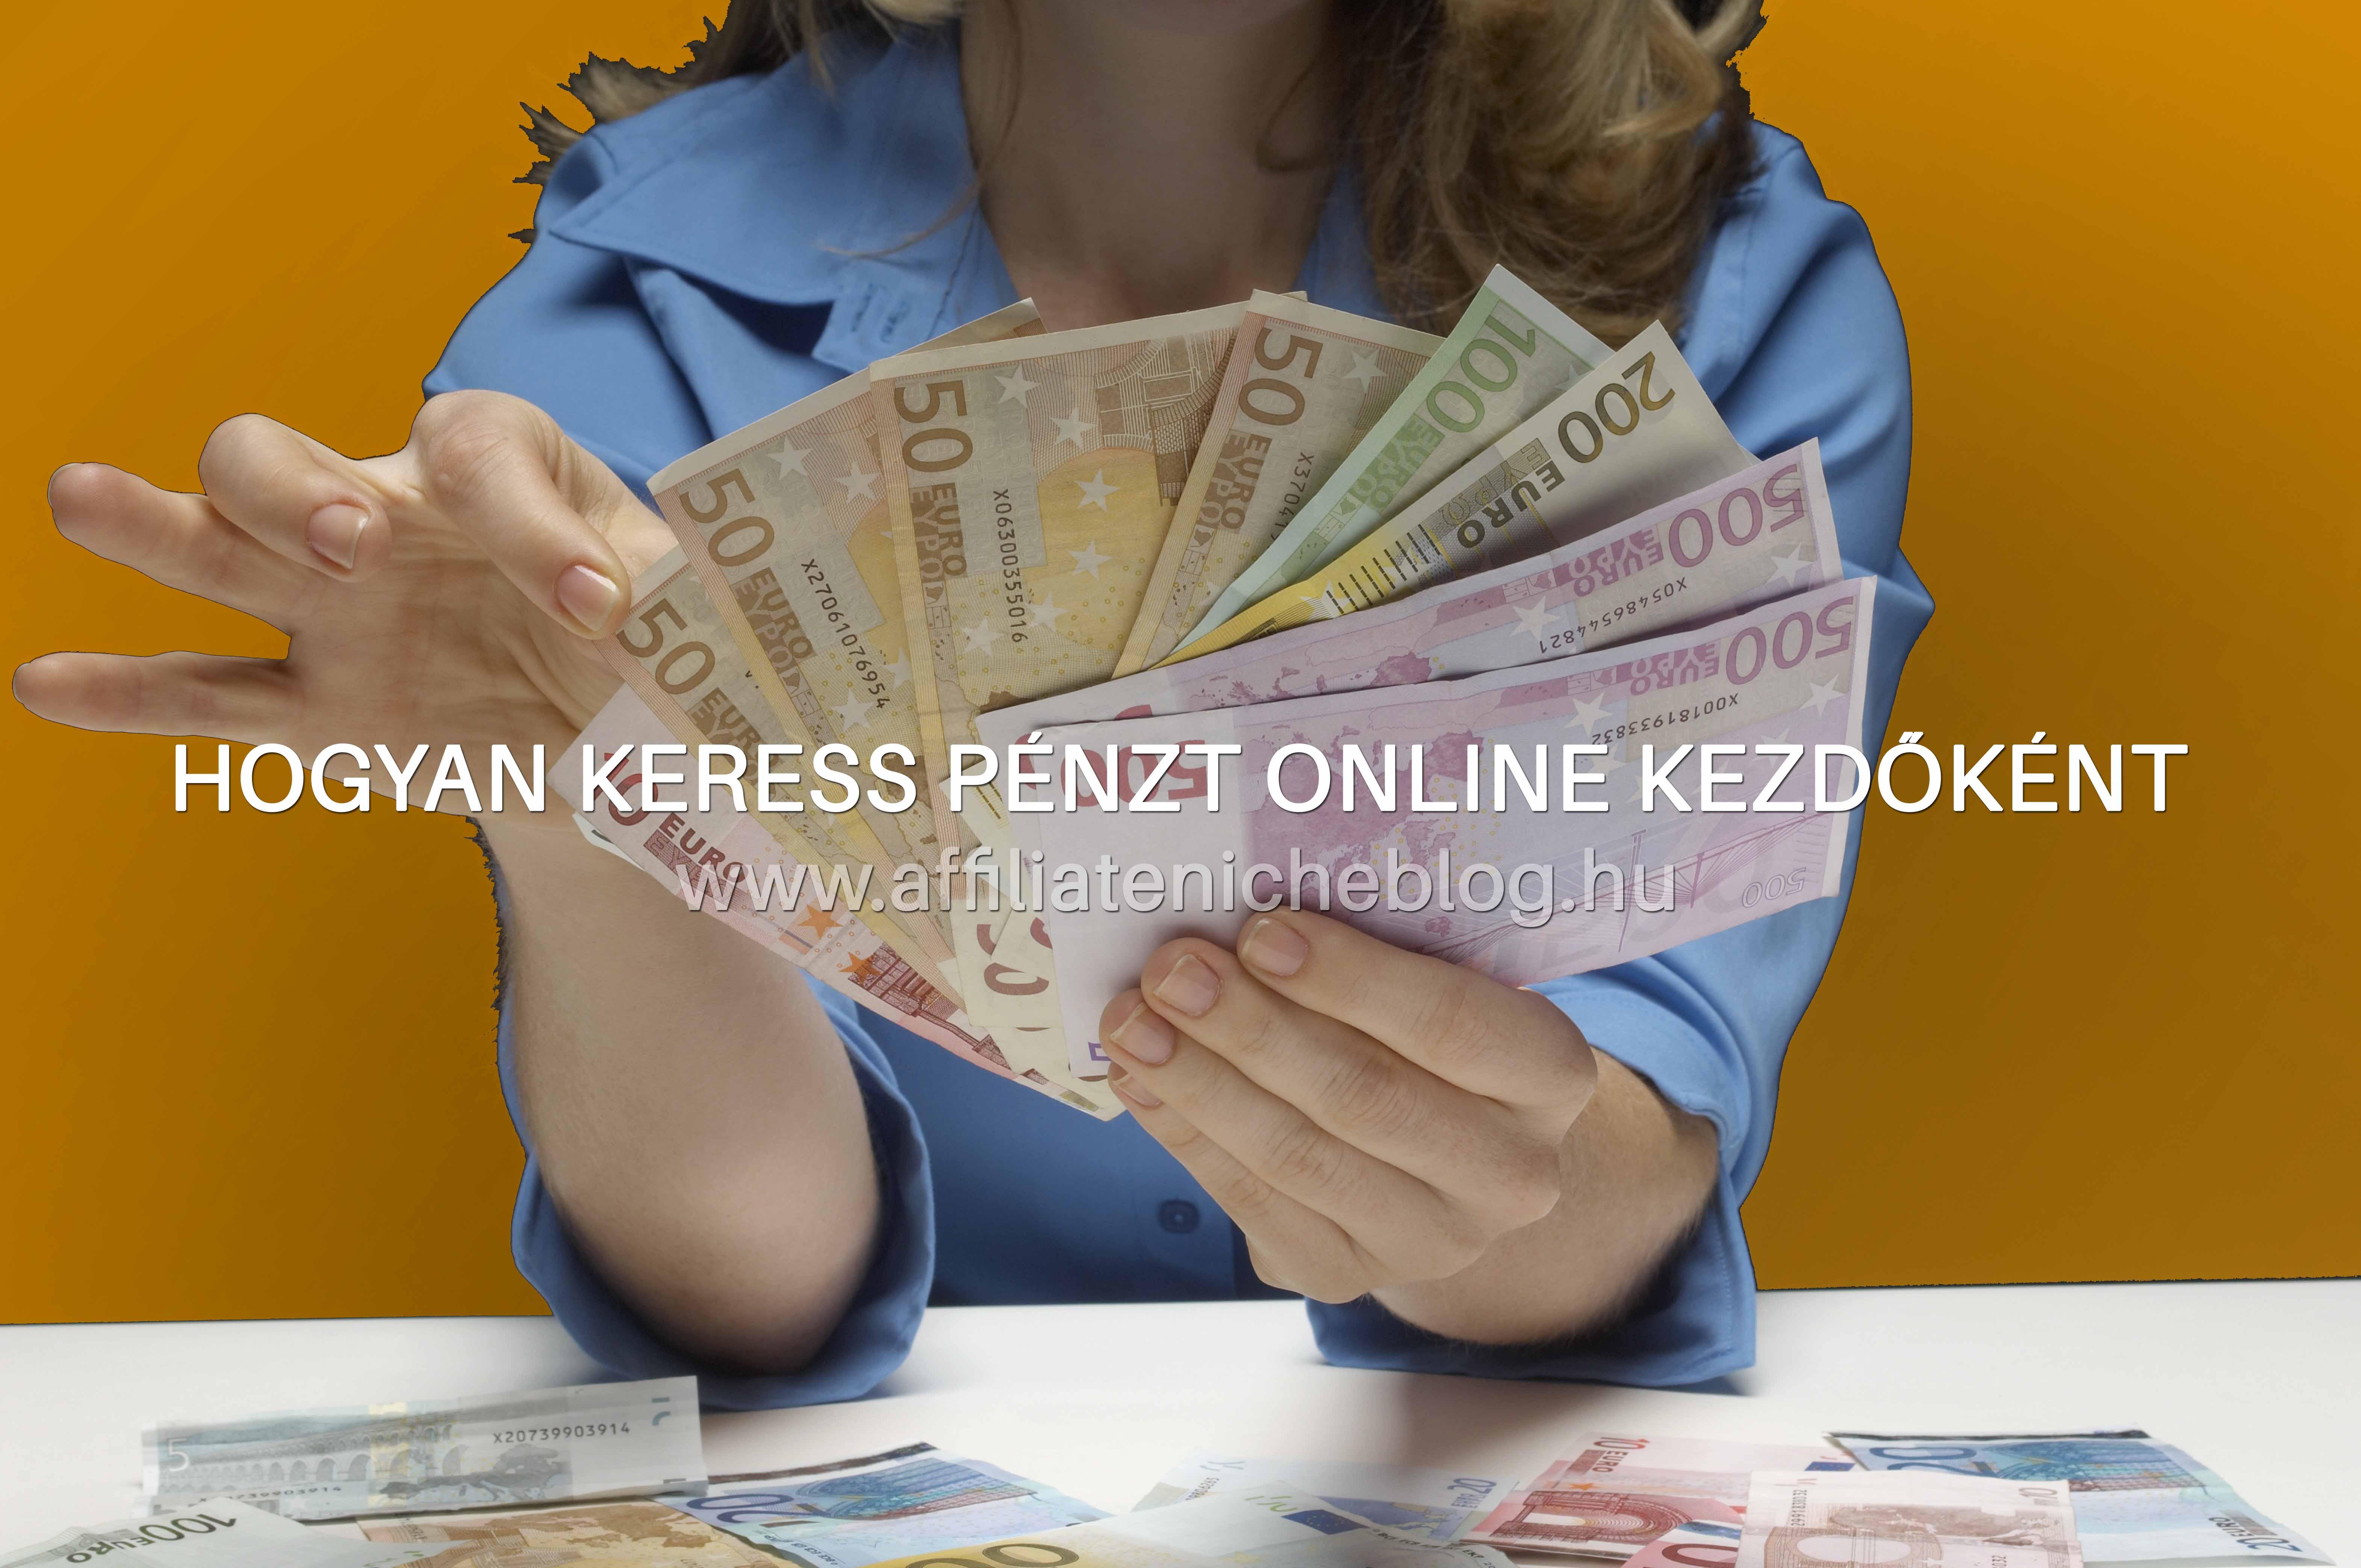 rc kalandok, hogyan lehet pénzt keresni online)